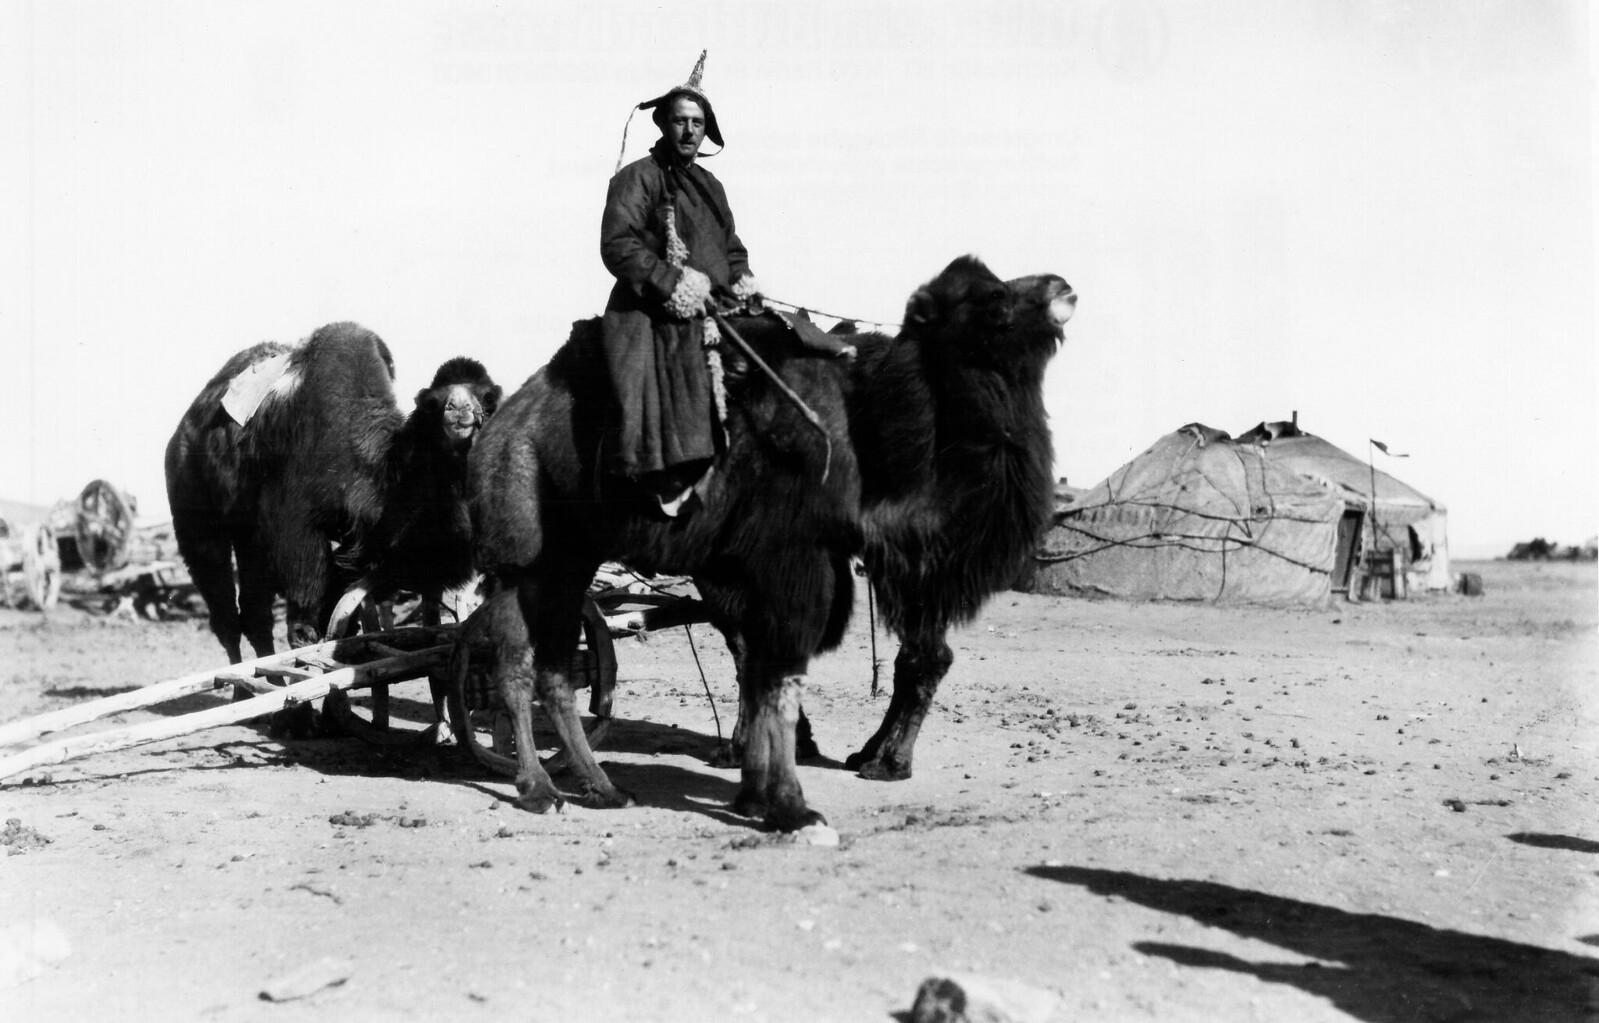 1928. Лагерь кочевников на пограничной станции, между Монголией и Китаем